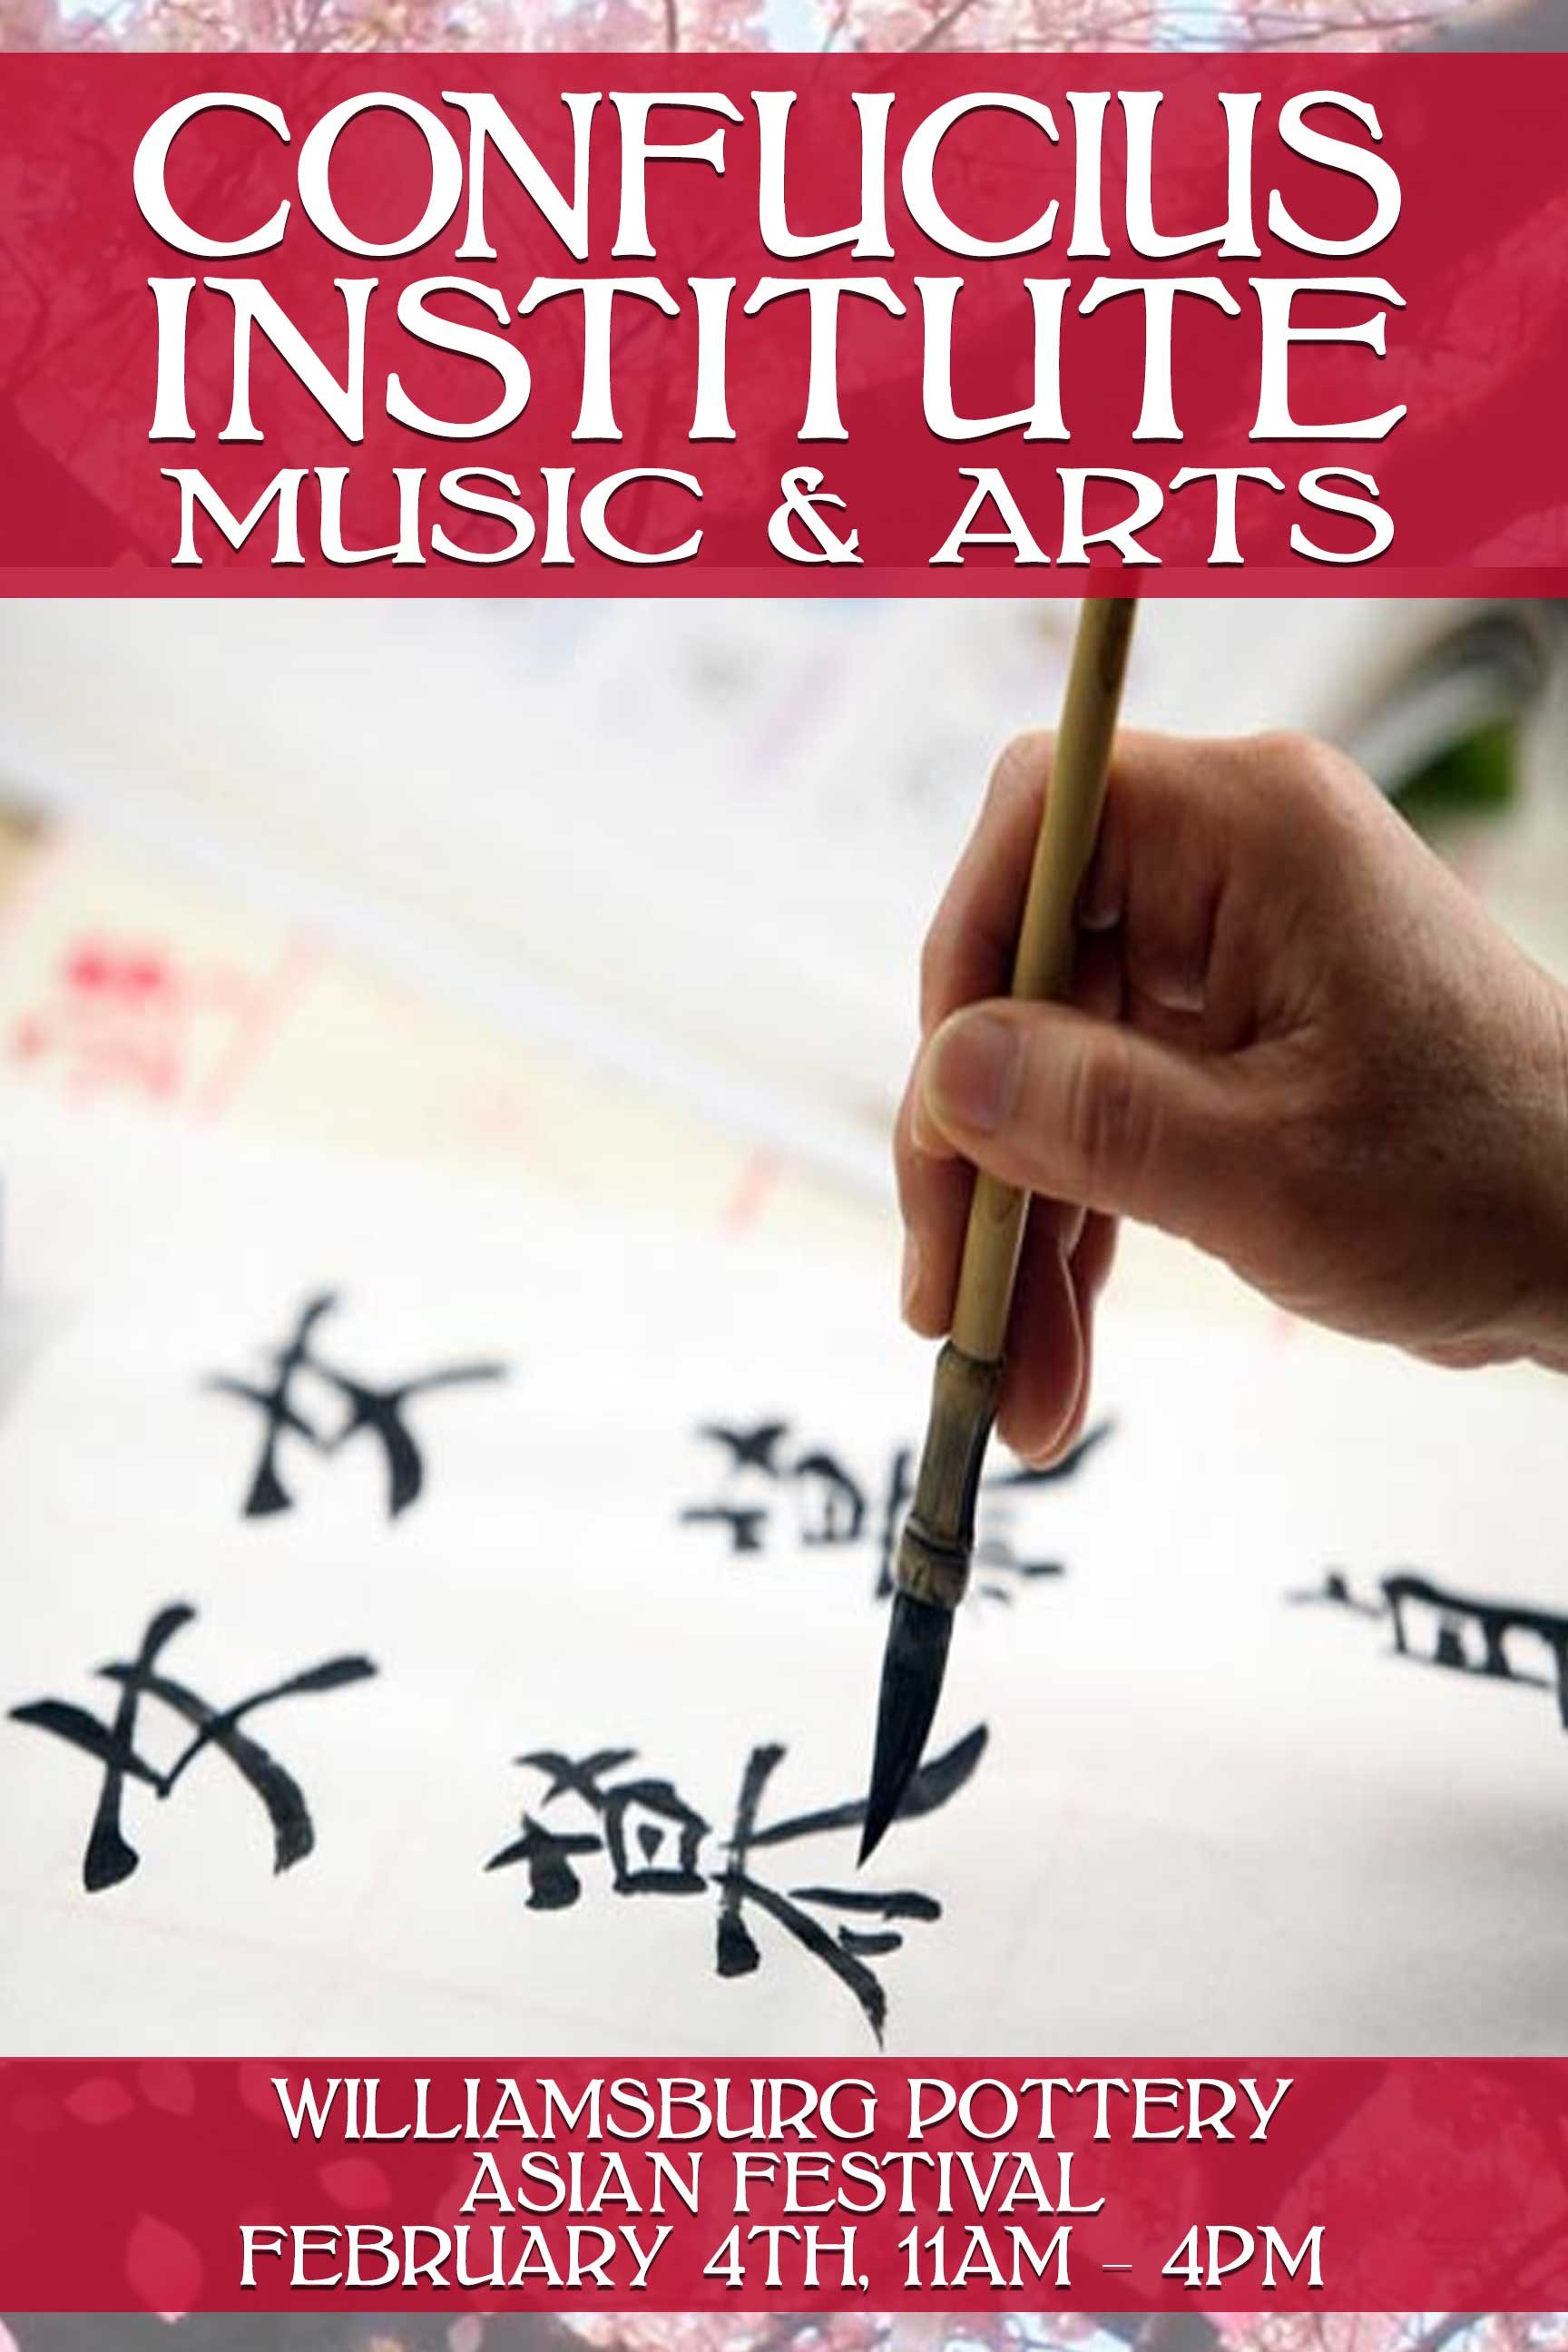 Confucius Institute Music & Arts